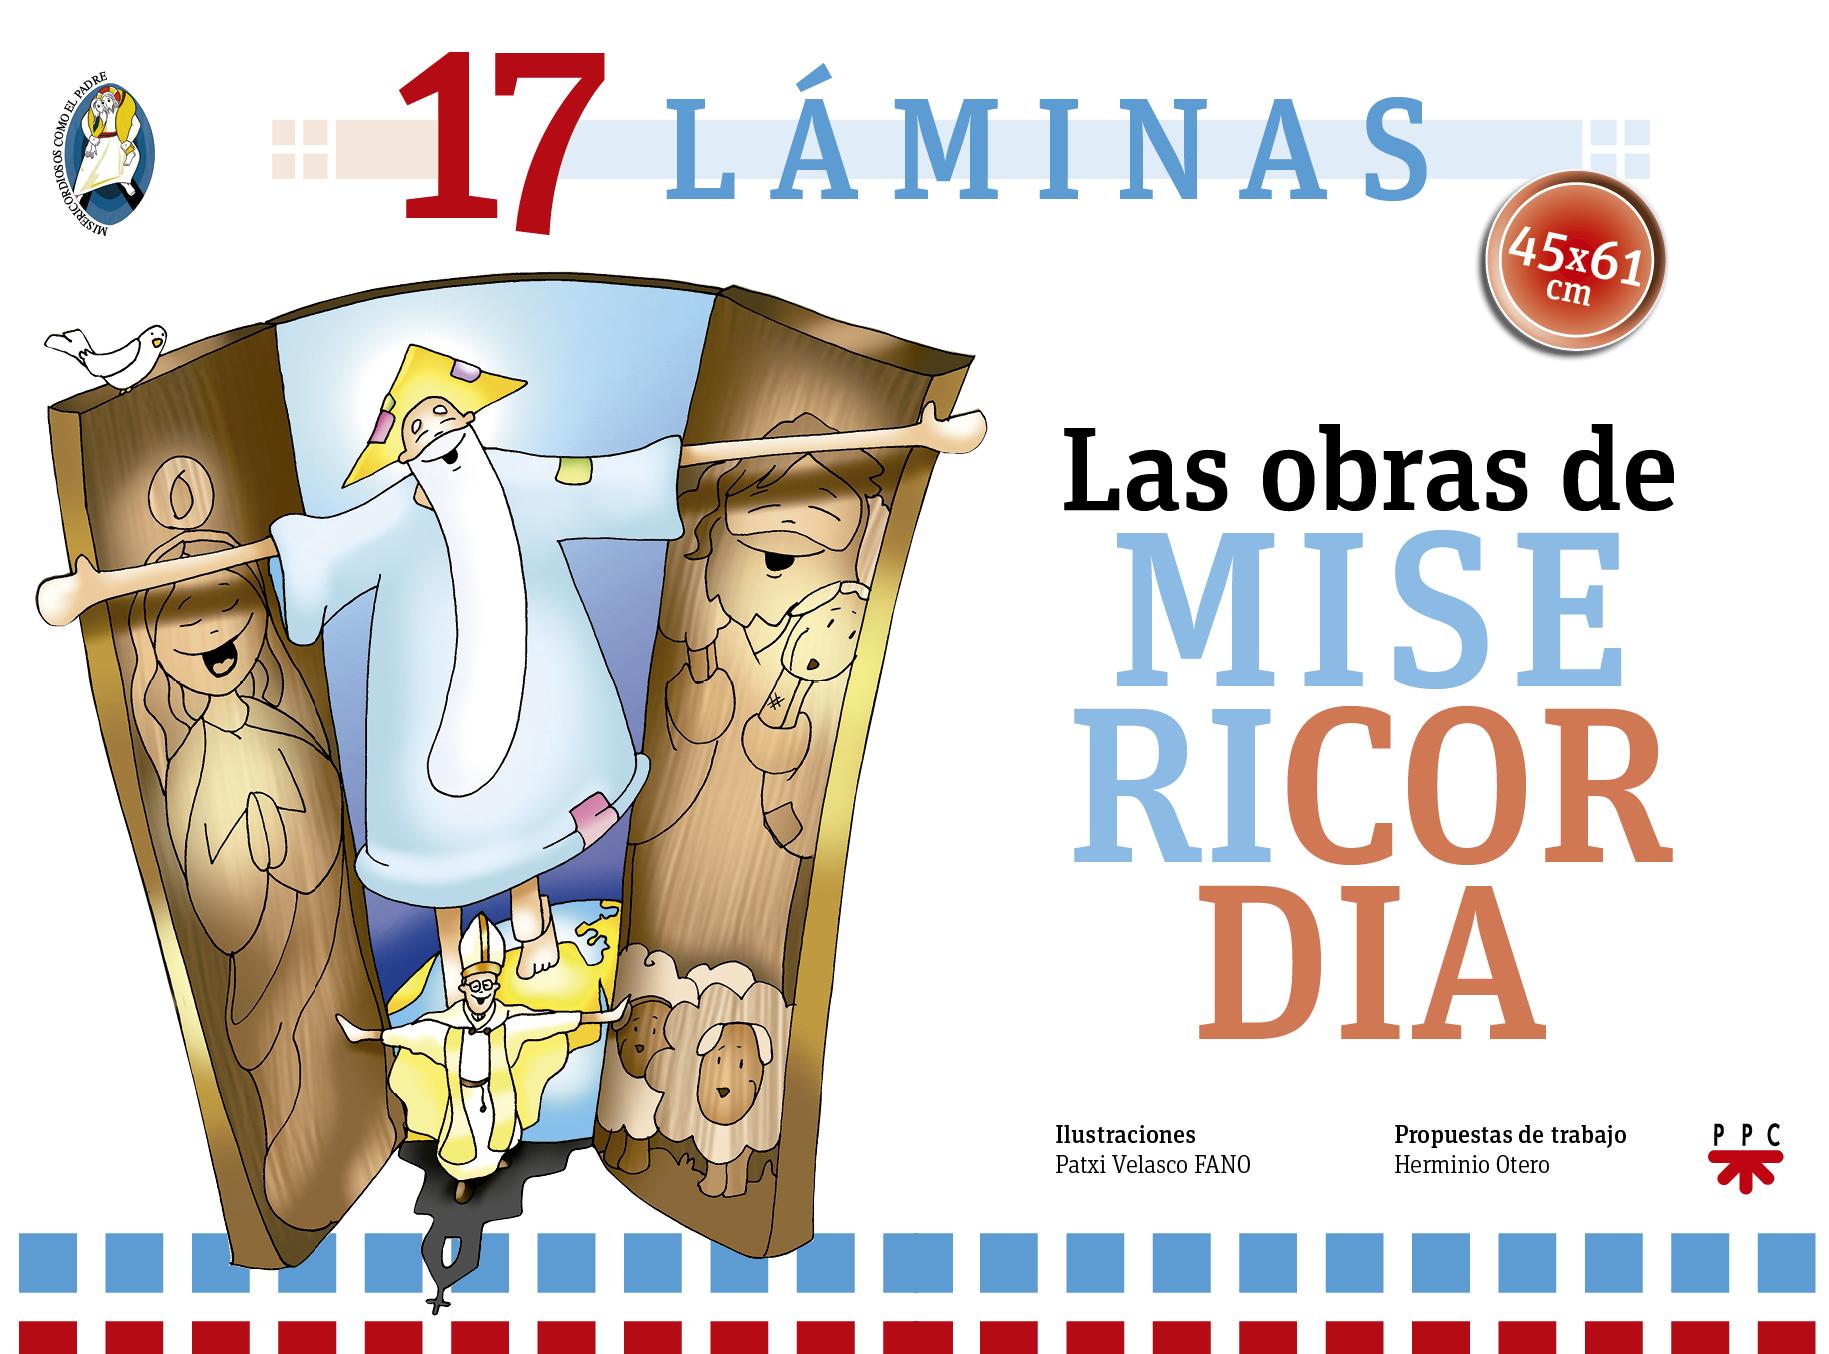 Las obras de misericordia carpeta con laminas ppc editorial - Laminas para la pared ...